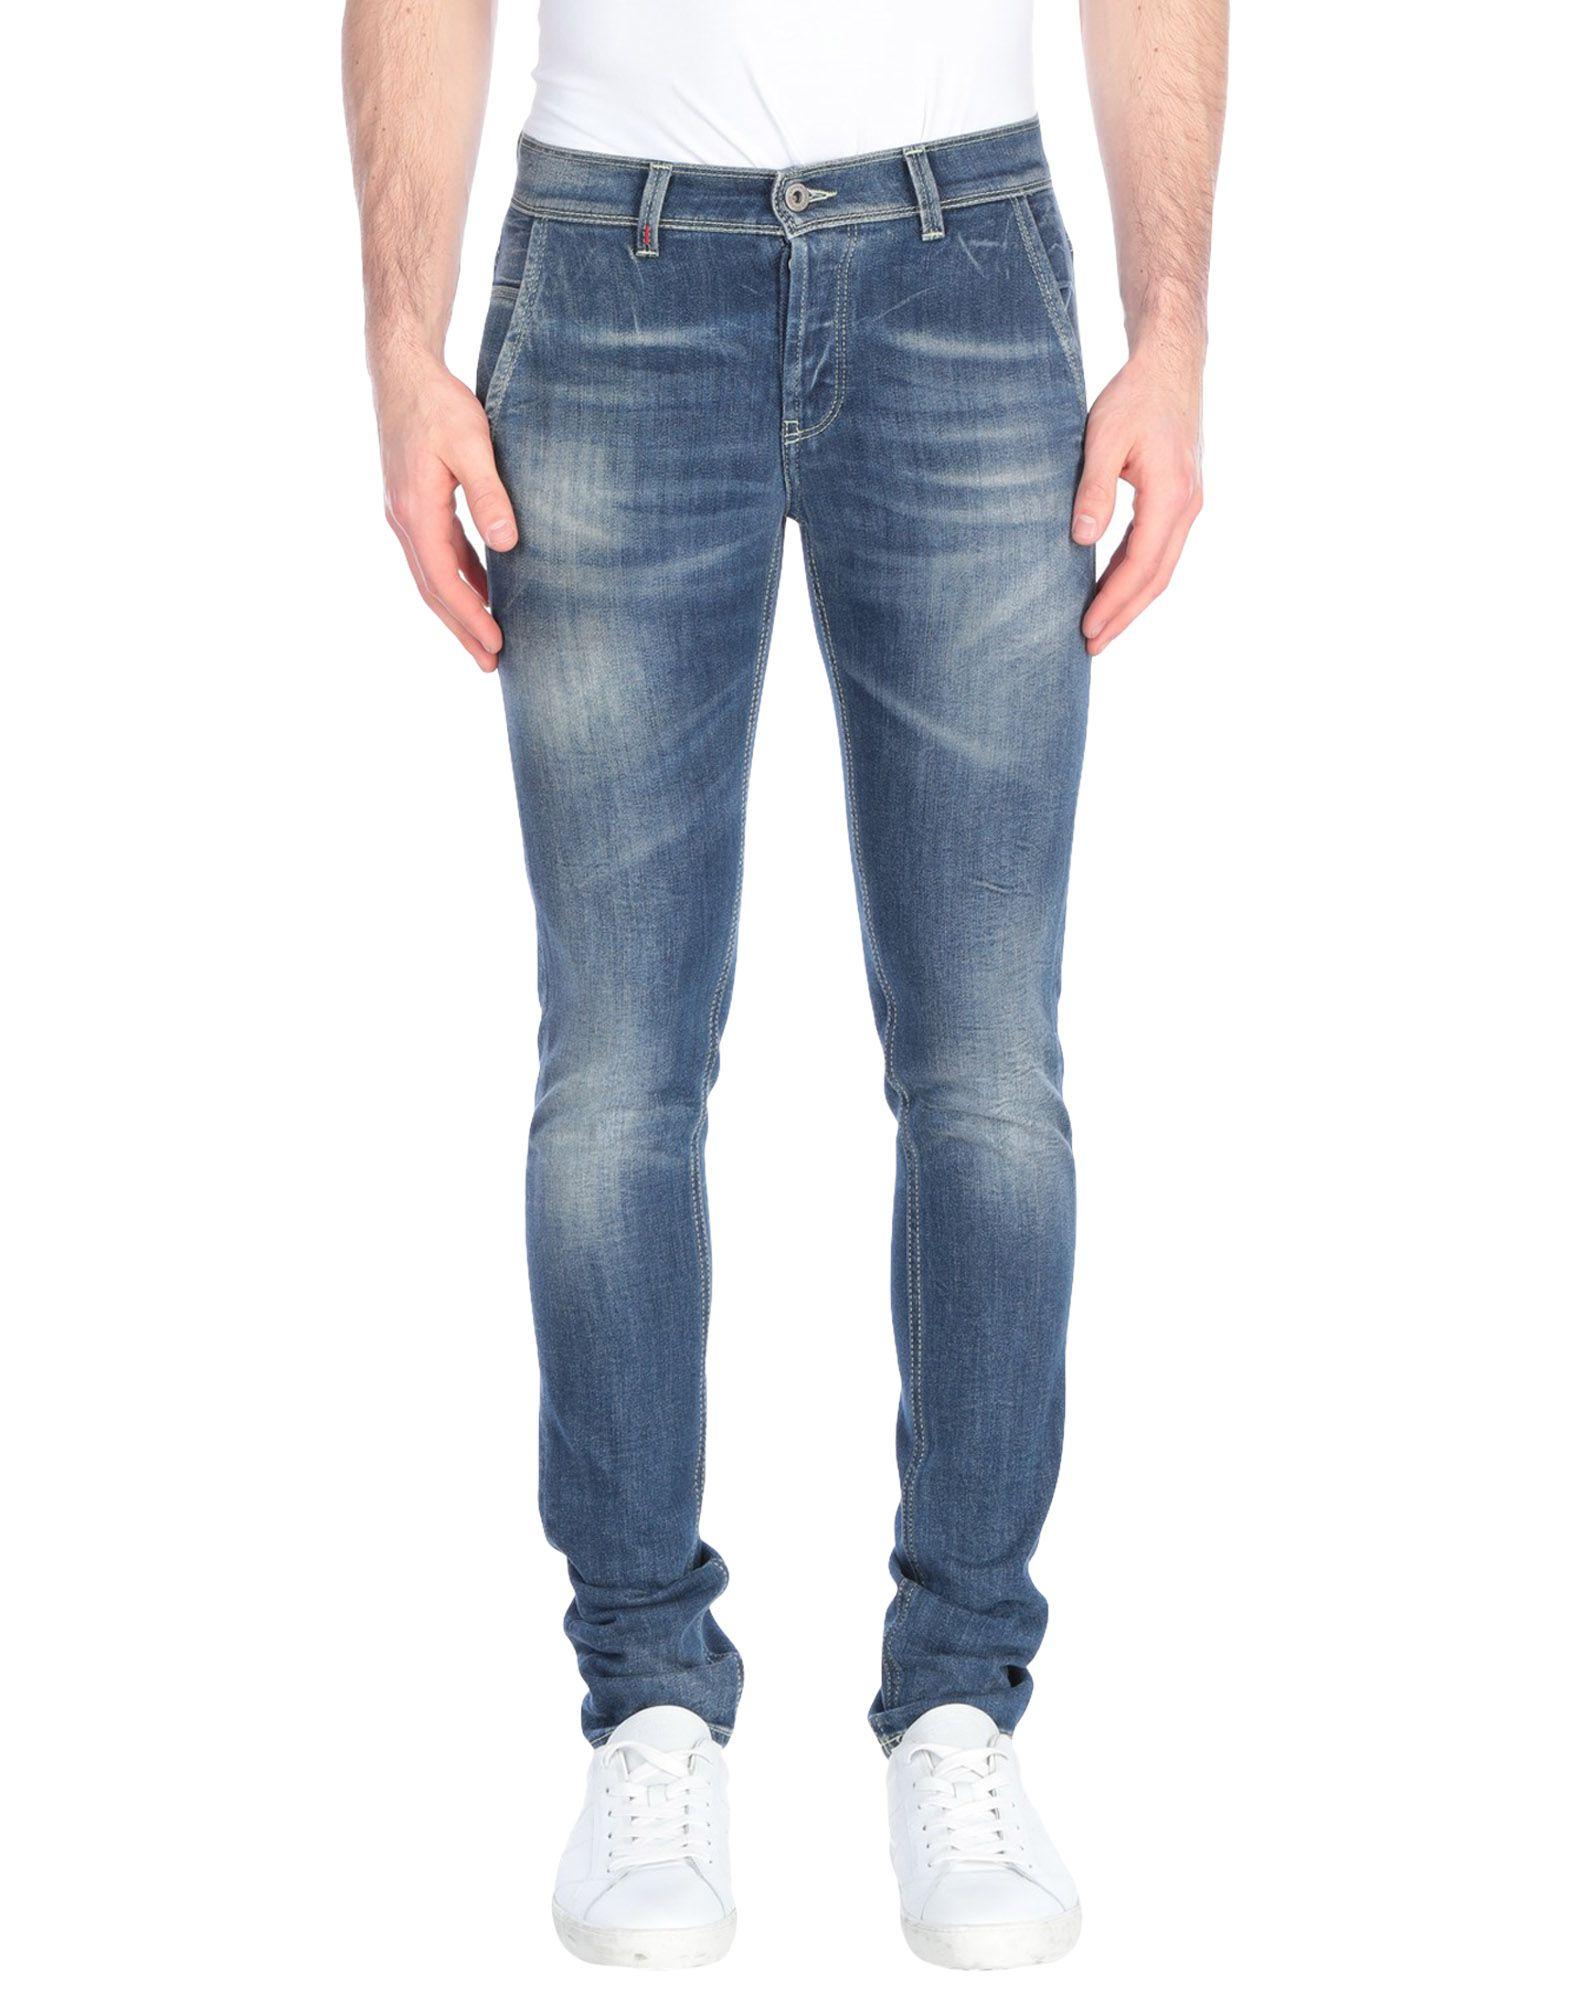 Pantaloni Jeans Dondup uomo uomo - 42739375FF  80% Rabatt